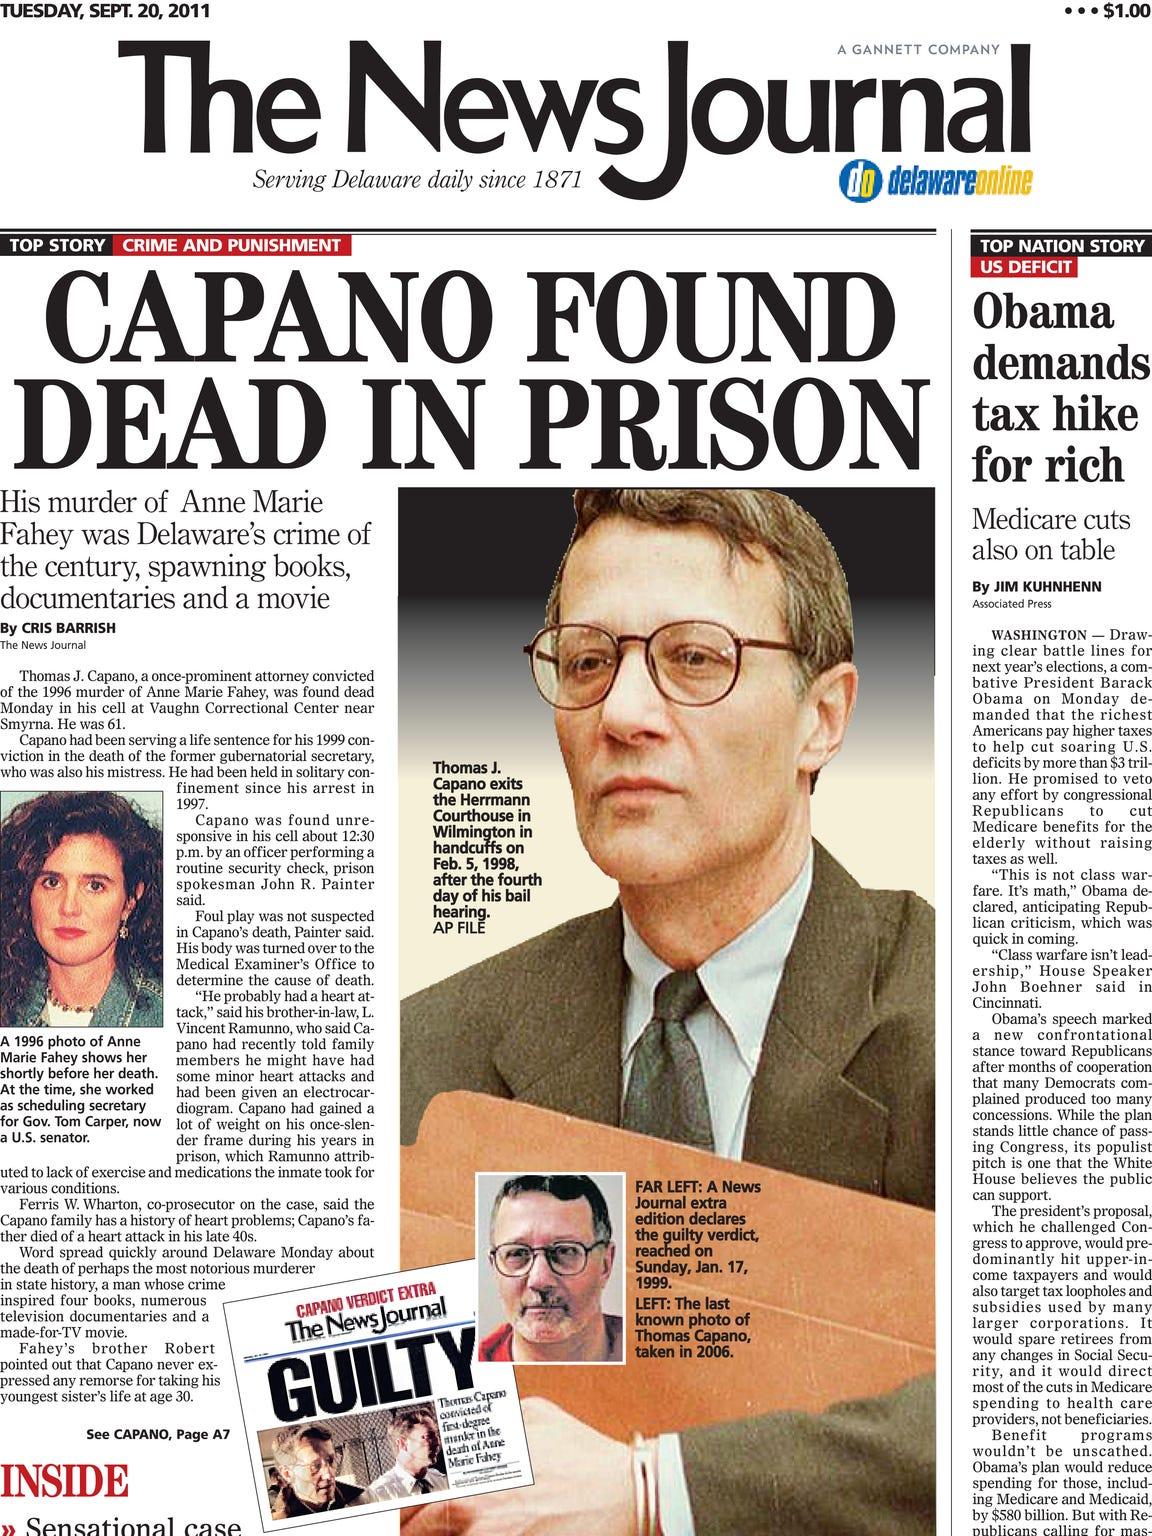 September 20, 2011 cover of The News Journal